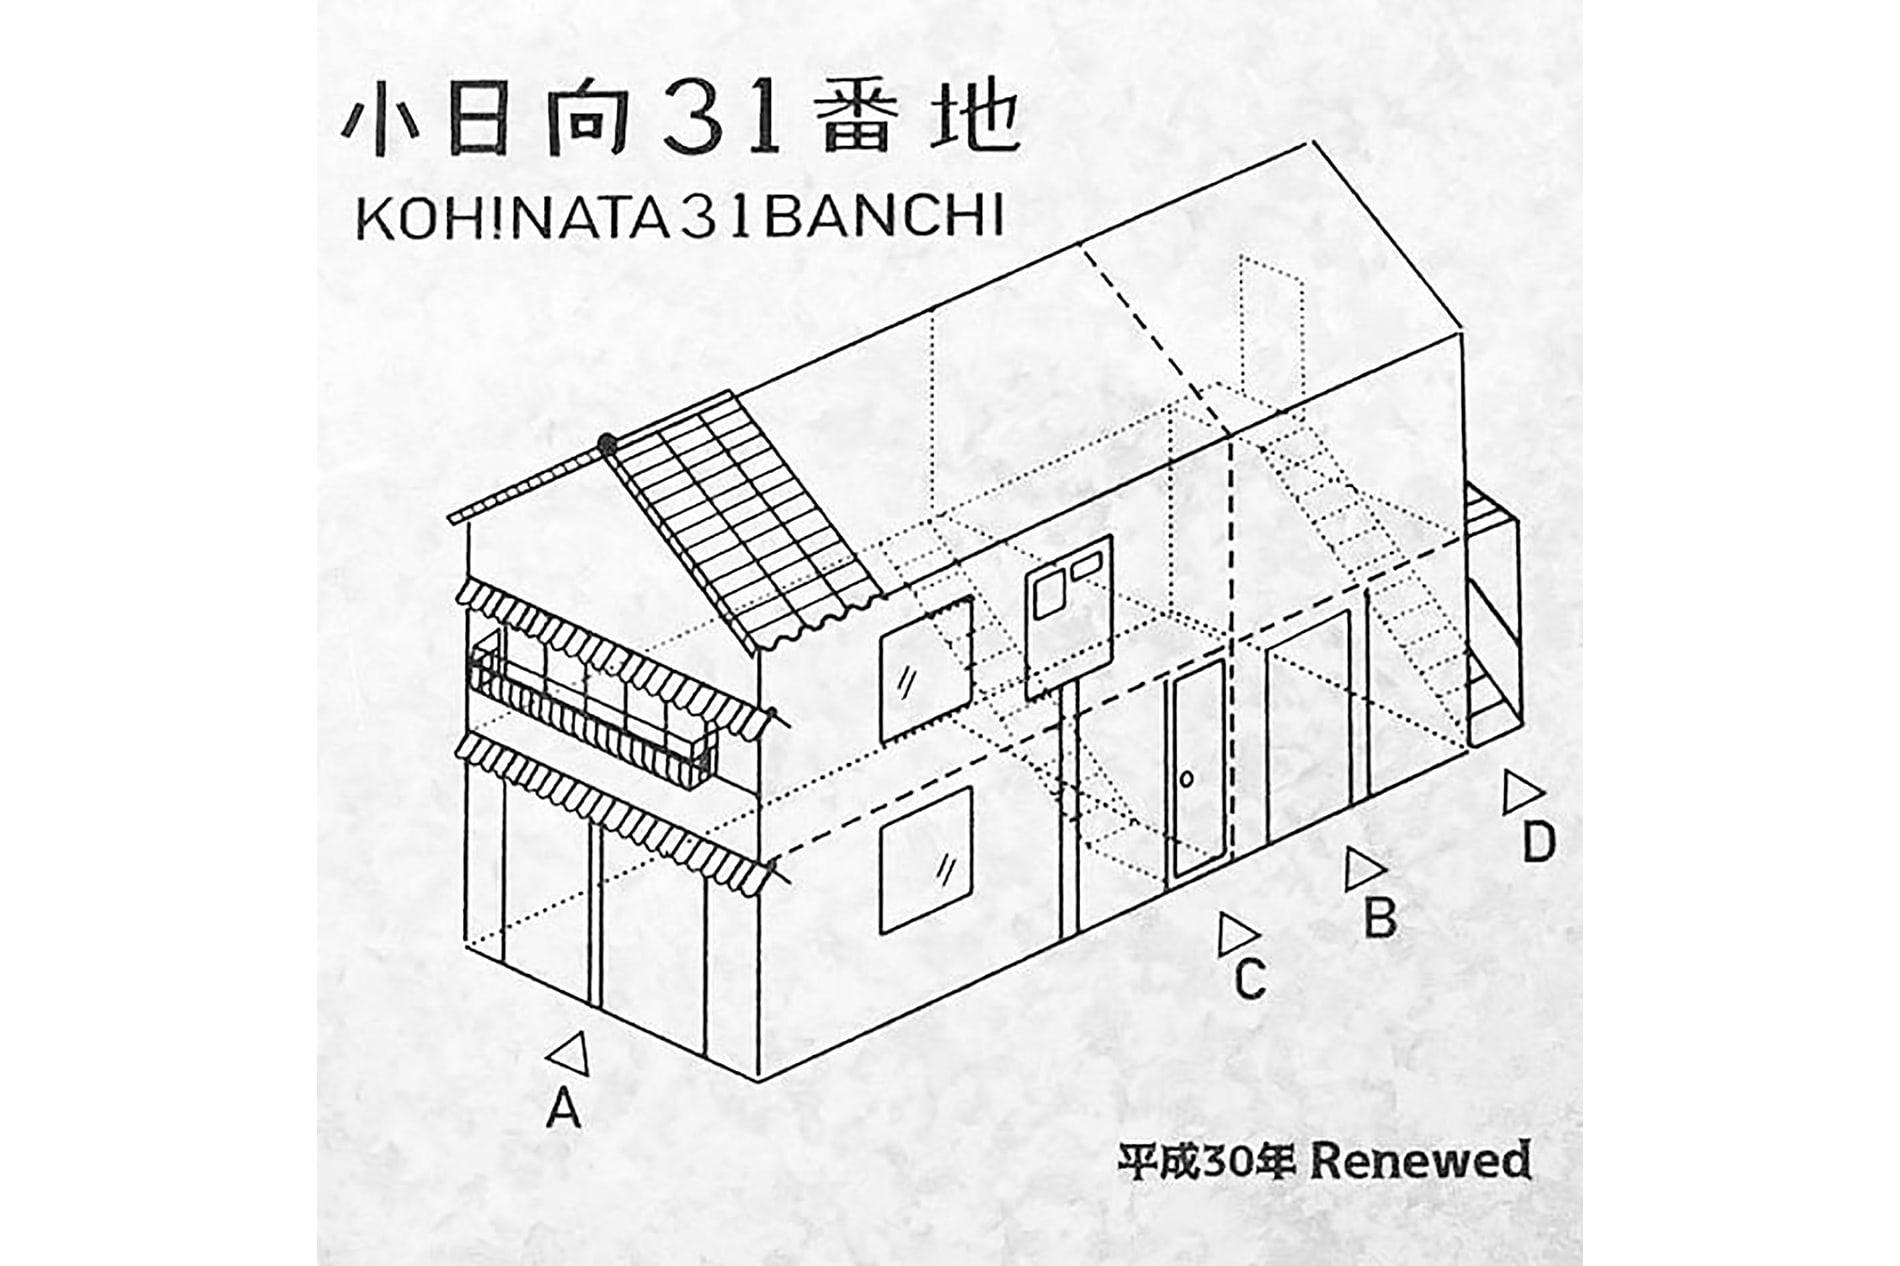 小日向31番地 / 江戸川橋 02 ミナトジムショ